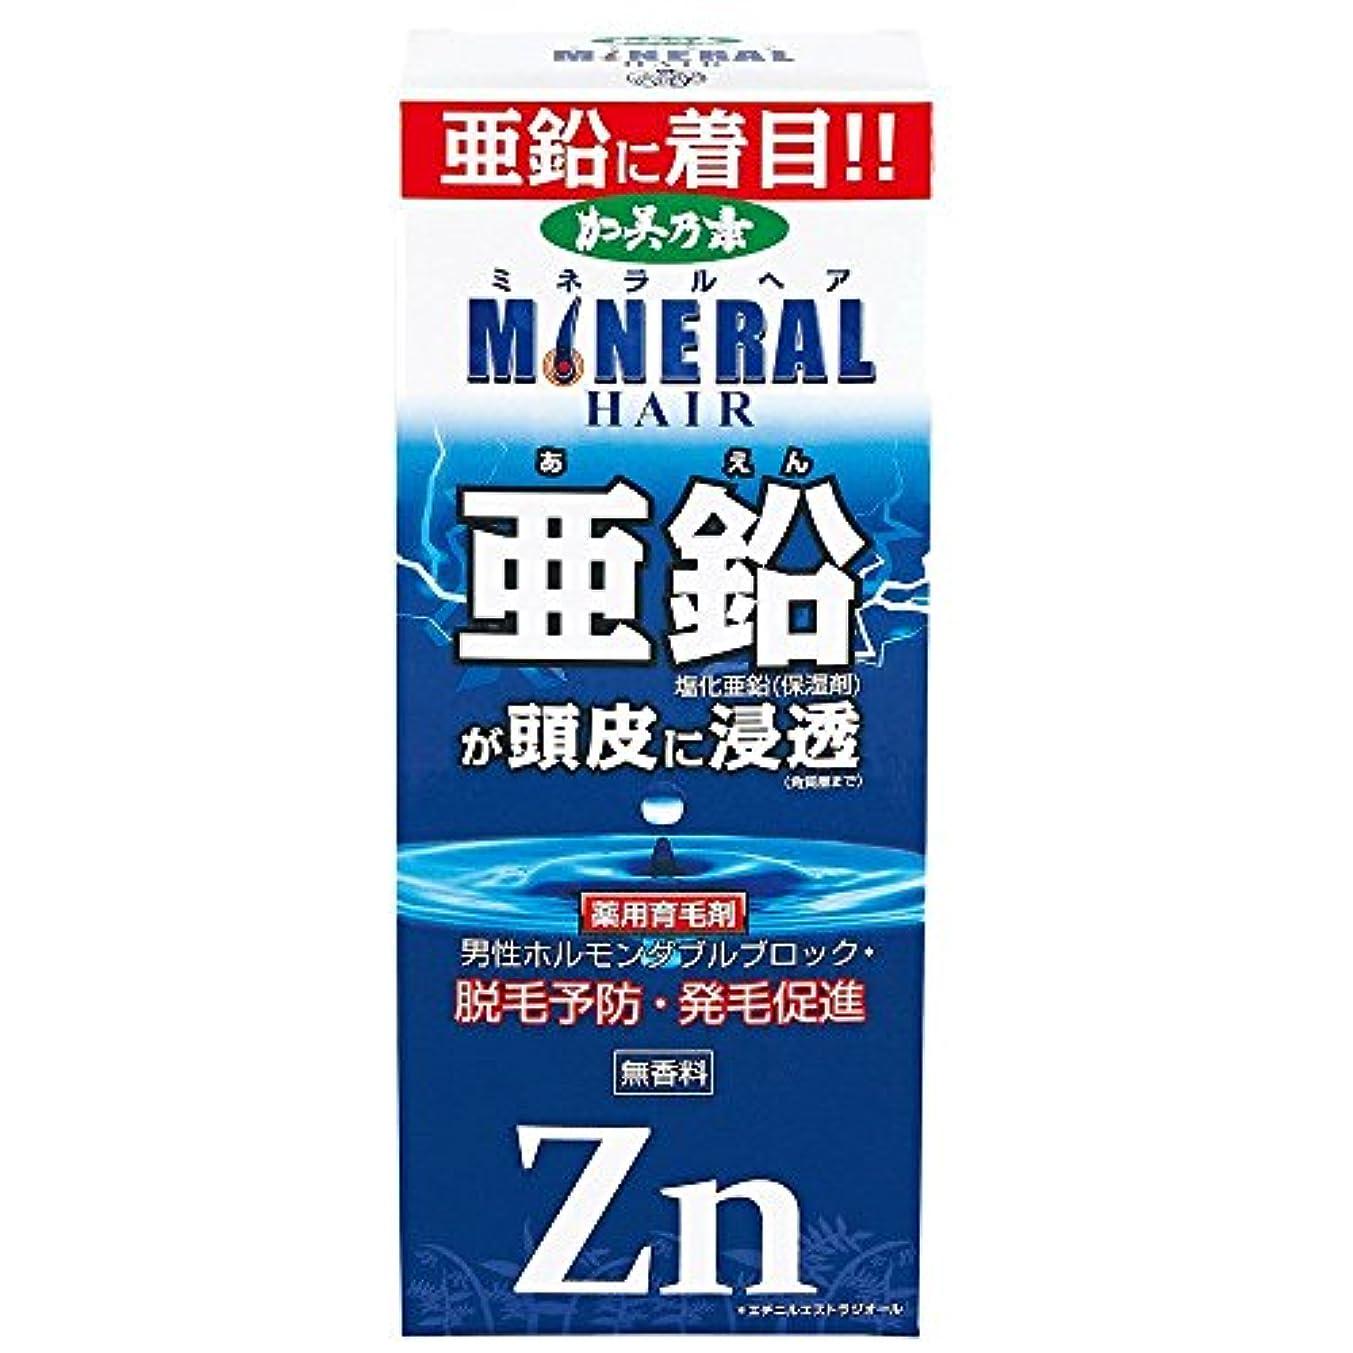 文句を言うリクルート感性薬用加美乃素 ミネラルヘア 育毛剤 180mL×6個